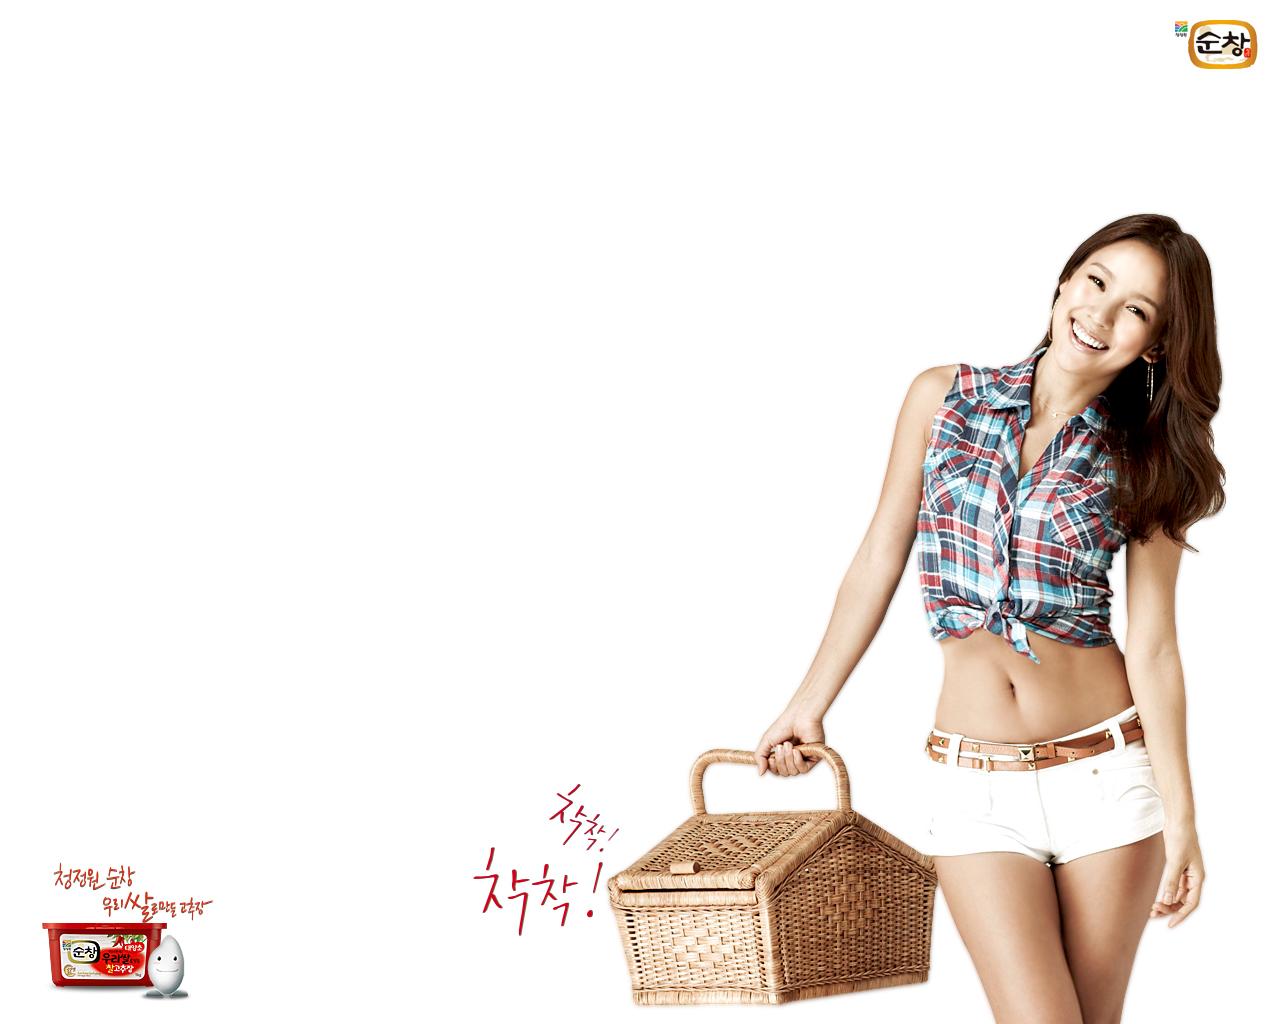 游戏壁纸下载,韩国性感女星李孝利精美桌面壁纸第二高清图片